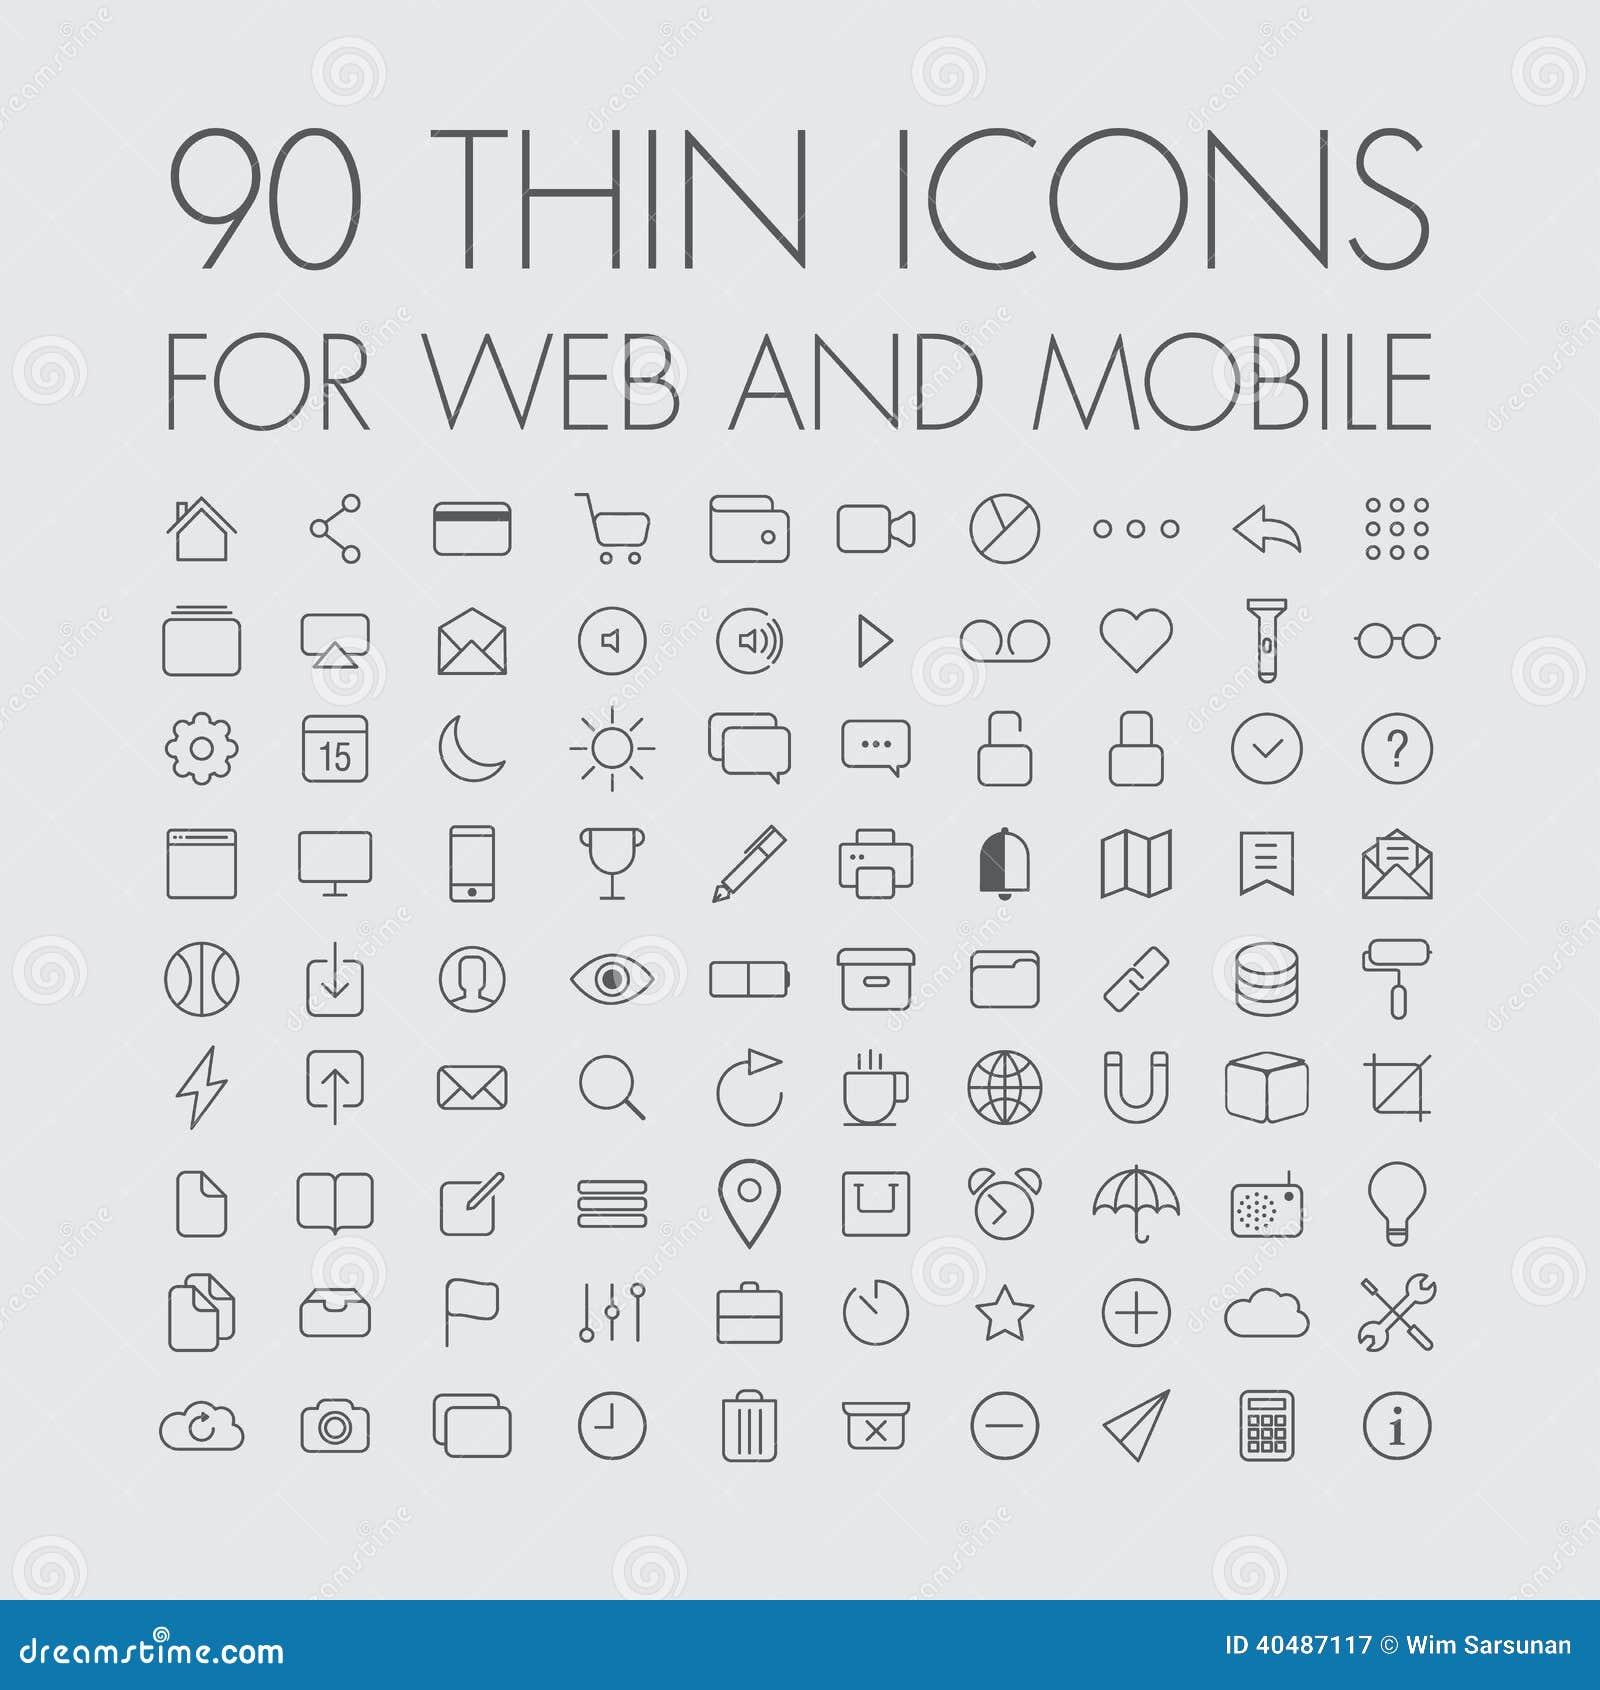 90 icônes pour le Web et le mobile